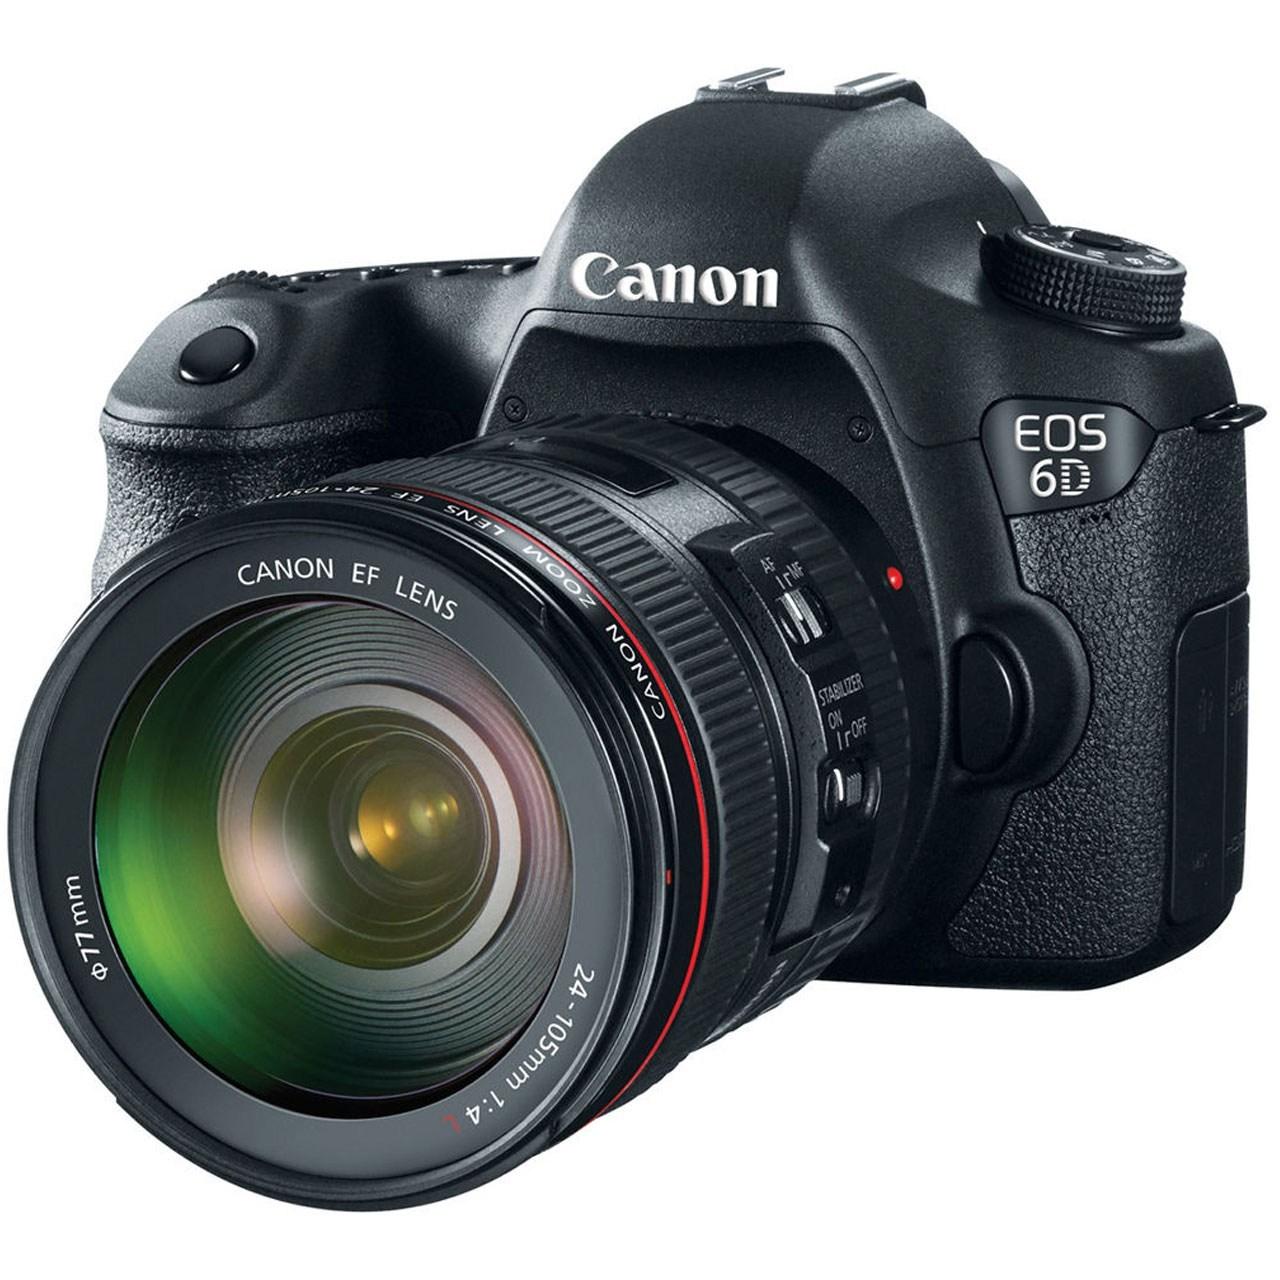 دوربين ديجيتال کانن مدل Canon EOS 6D Kit 24-105mm f/4 L IS USM Digital Camera